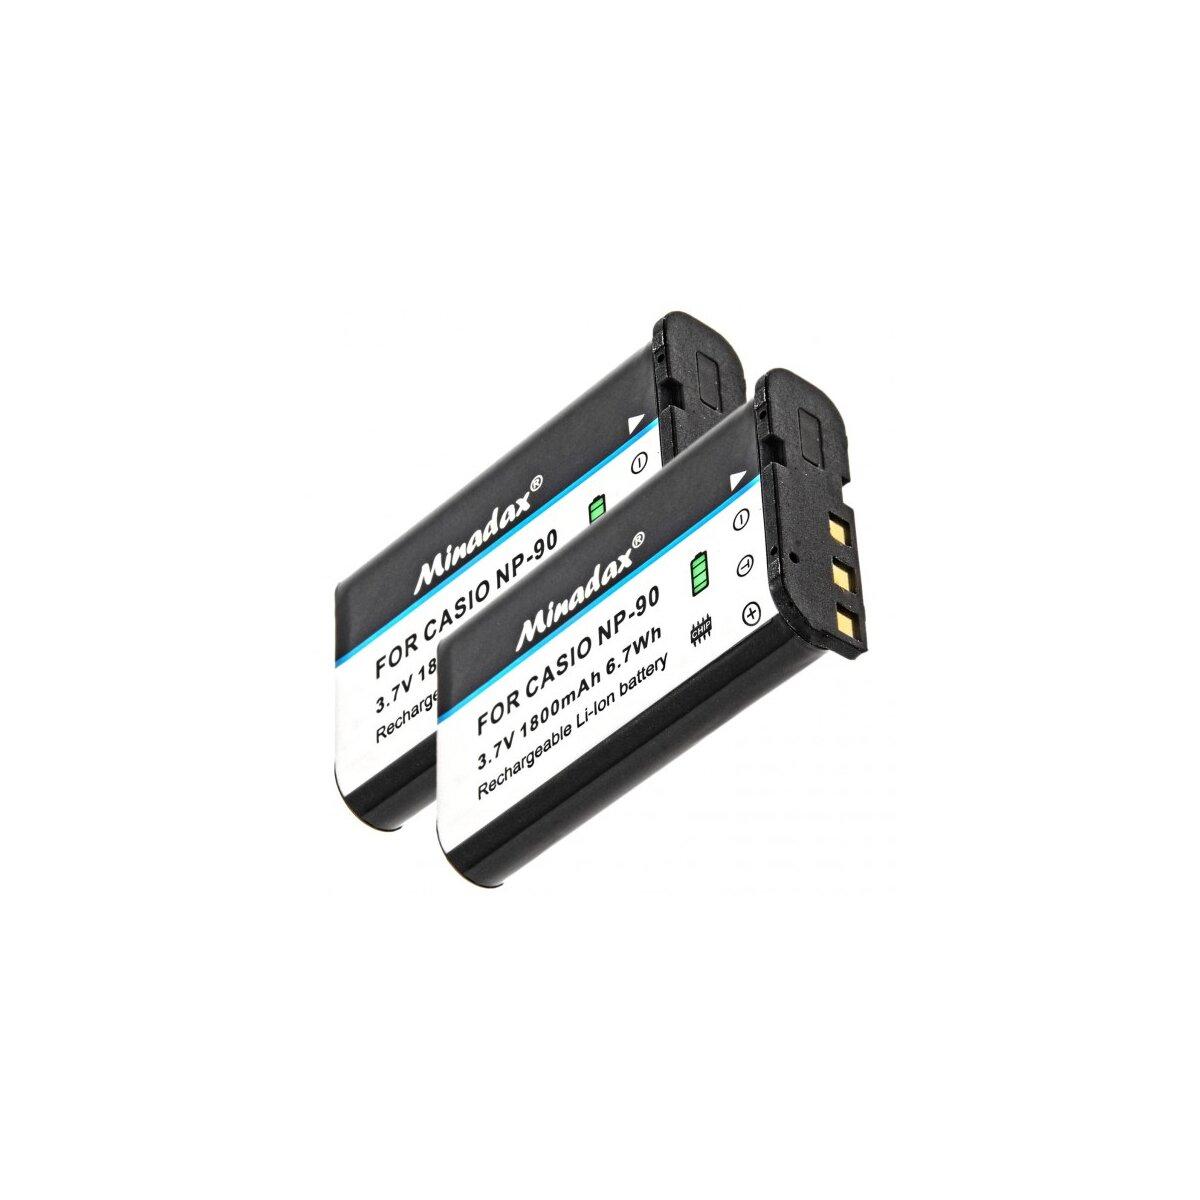 2x Minadax Qualitätsakku mit echten 1800 mAh kompatibel für Casio Exilim EX-FH100, EX-H10, EX-H15, EX-H20G, Ersatz für NP-90 - Intelligentes Akkusystem mit Chip